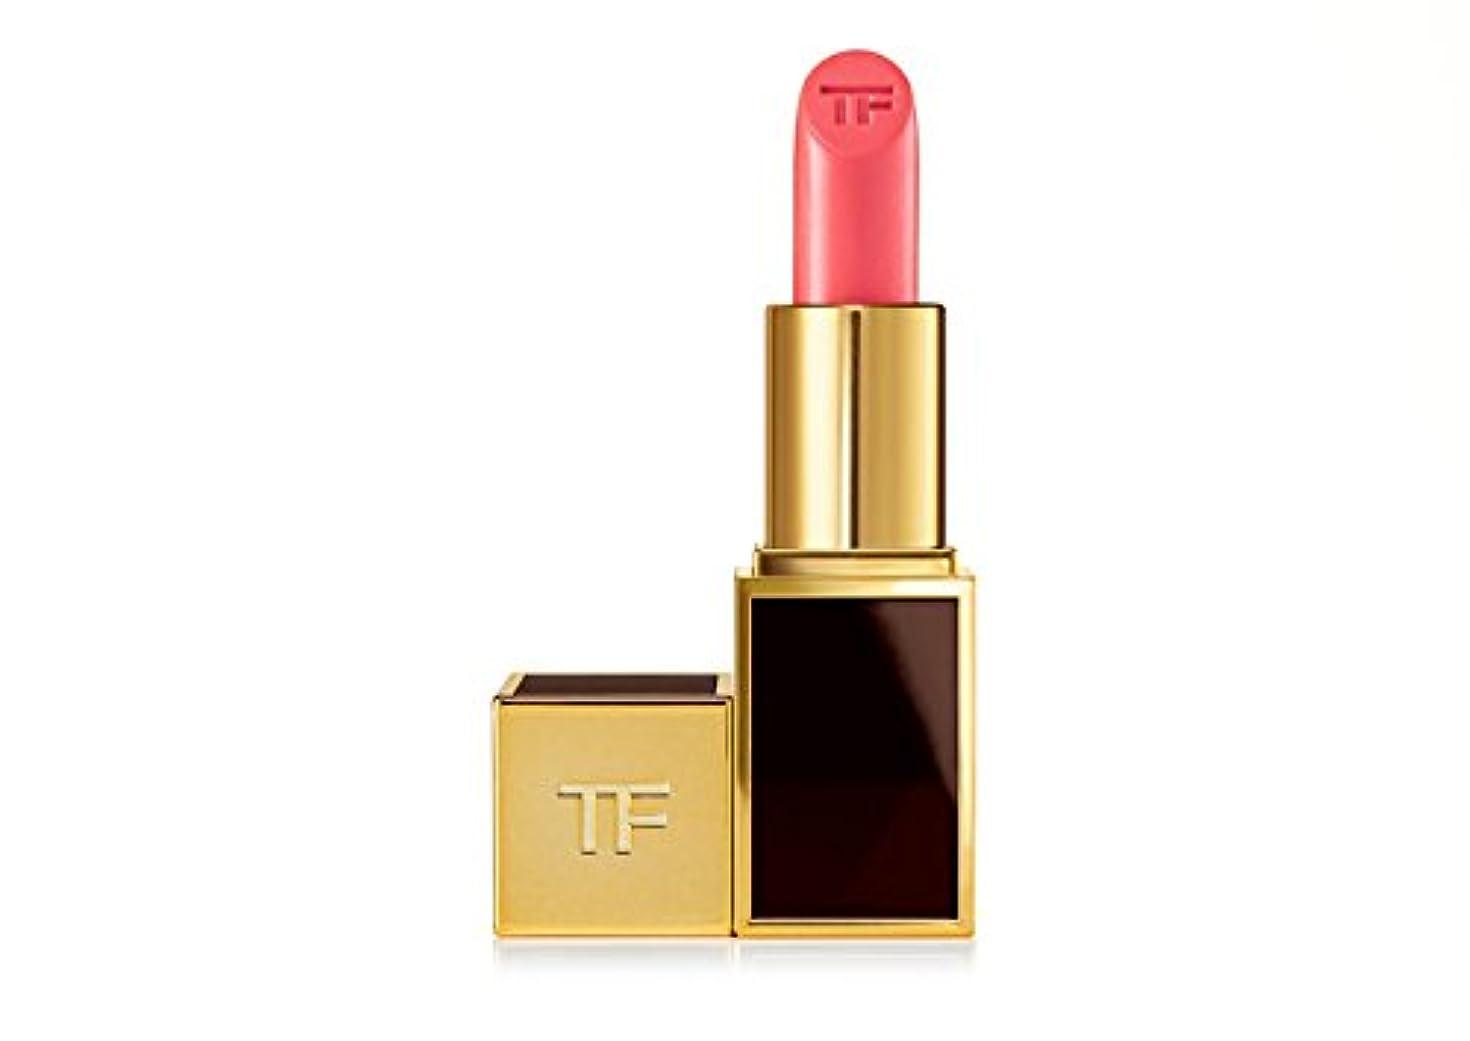 出身地勇気不当トムフォード リップス アンド ボーイズ 7 コーラル リップカラー 口紅 Tom Ford Lipstick 7 CORALS Lip Color Lips and Boys (#22 Patrick パトリック) [並行輸入品]